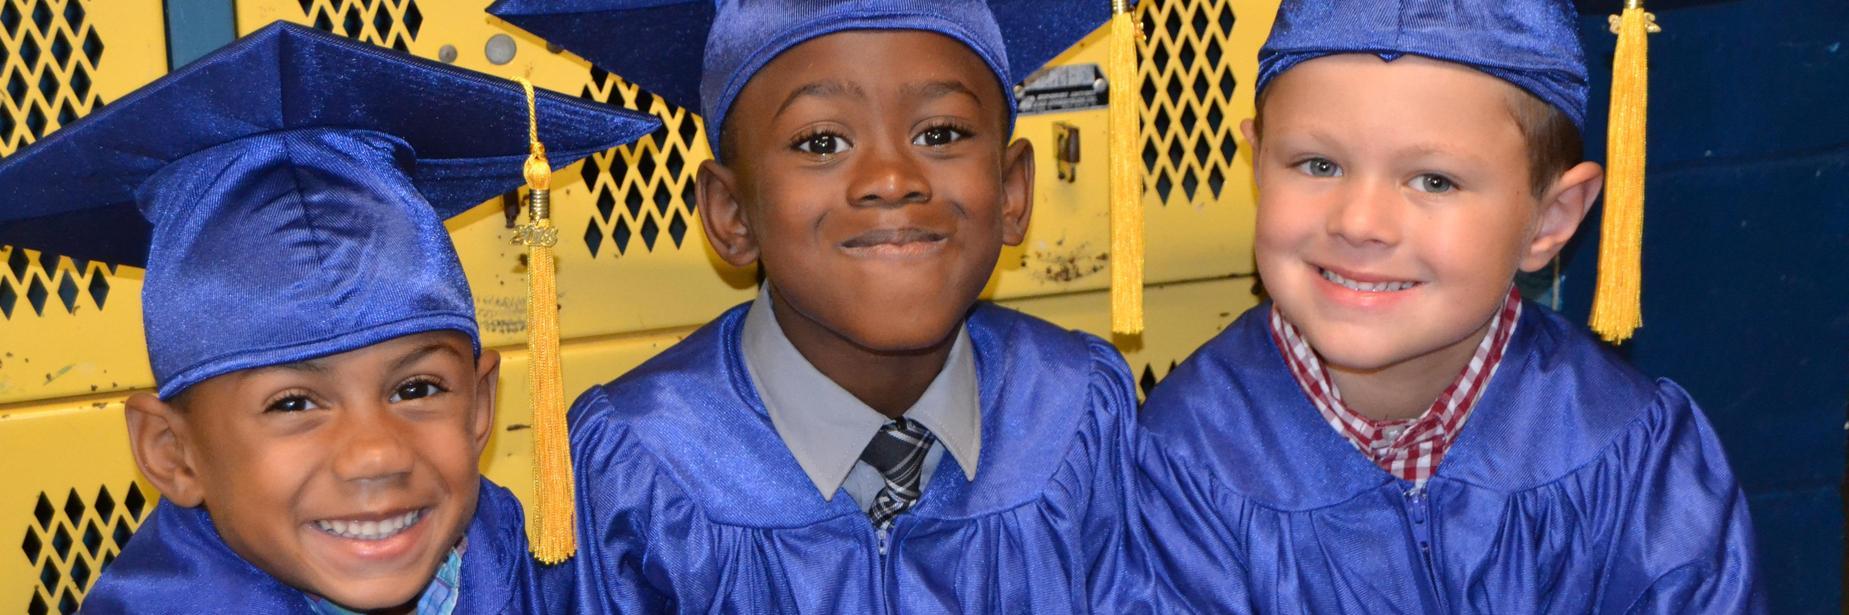 ses kindergarten graduation